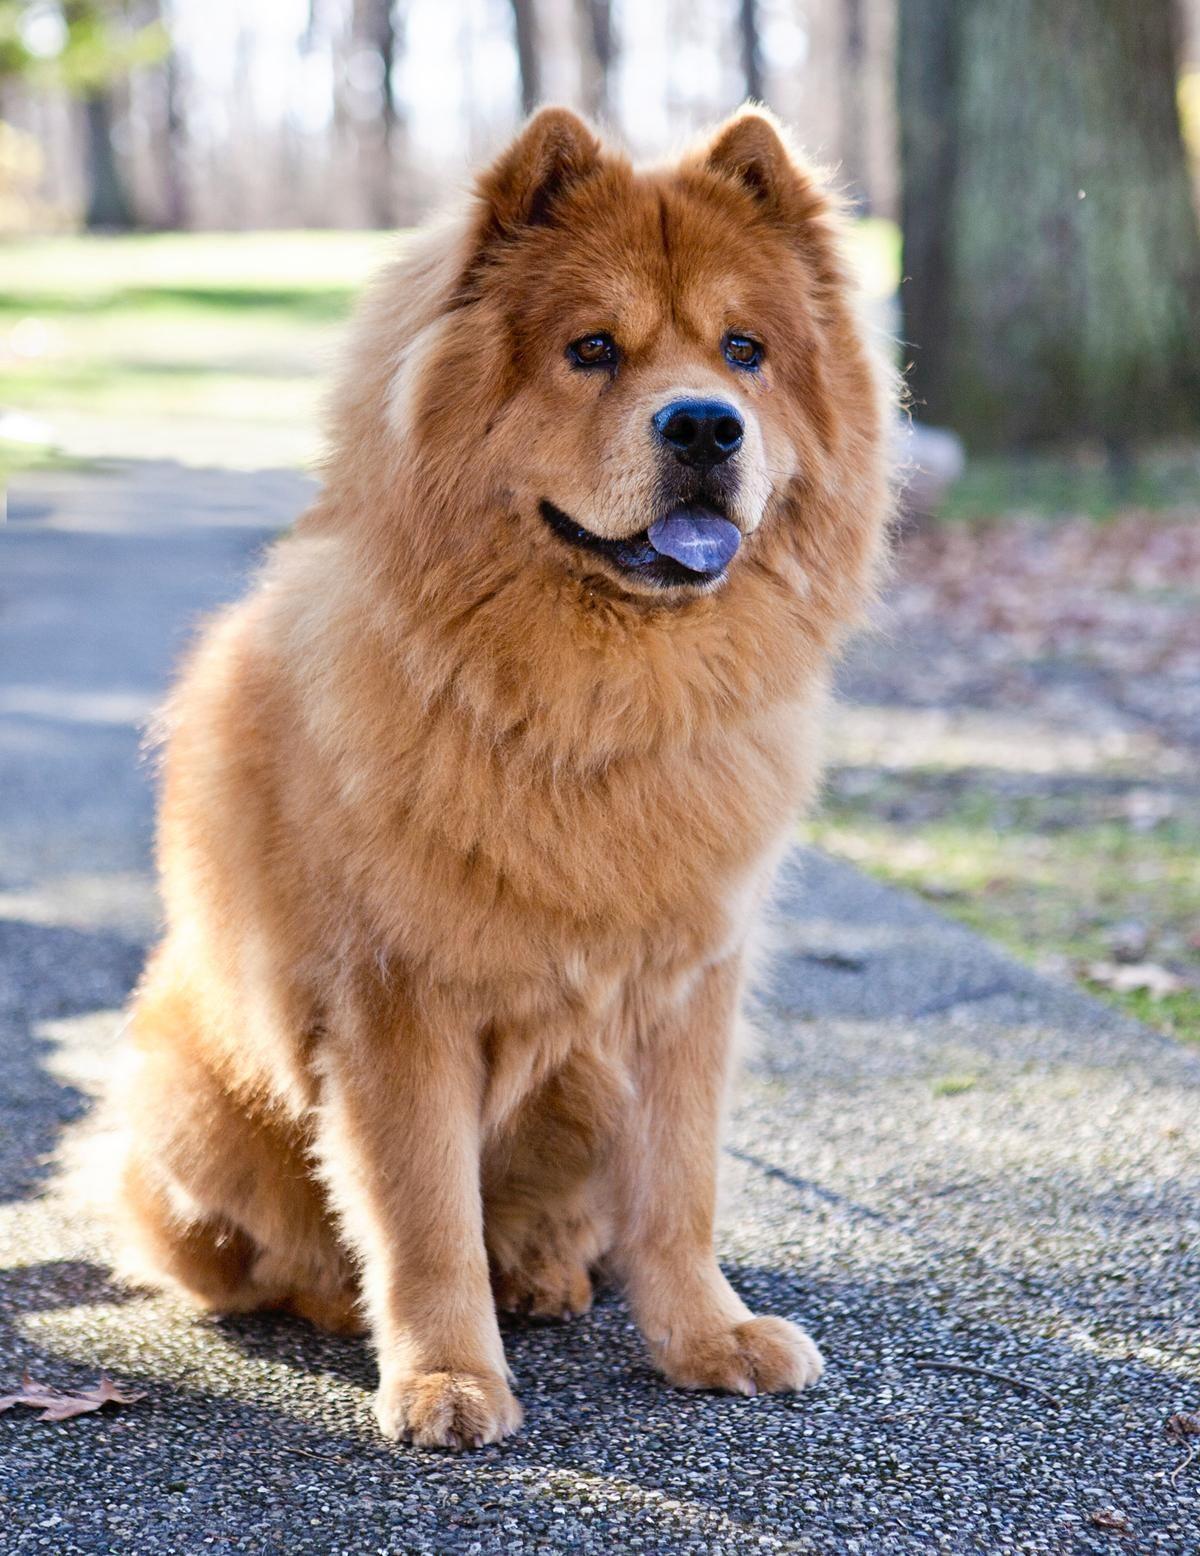 Must see Chow Chow Chubby Adorable Dog - 05cd62abb406a20b6fcb82d2ab7e6299  Image_34182  .jpg